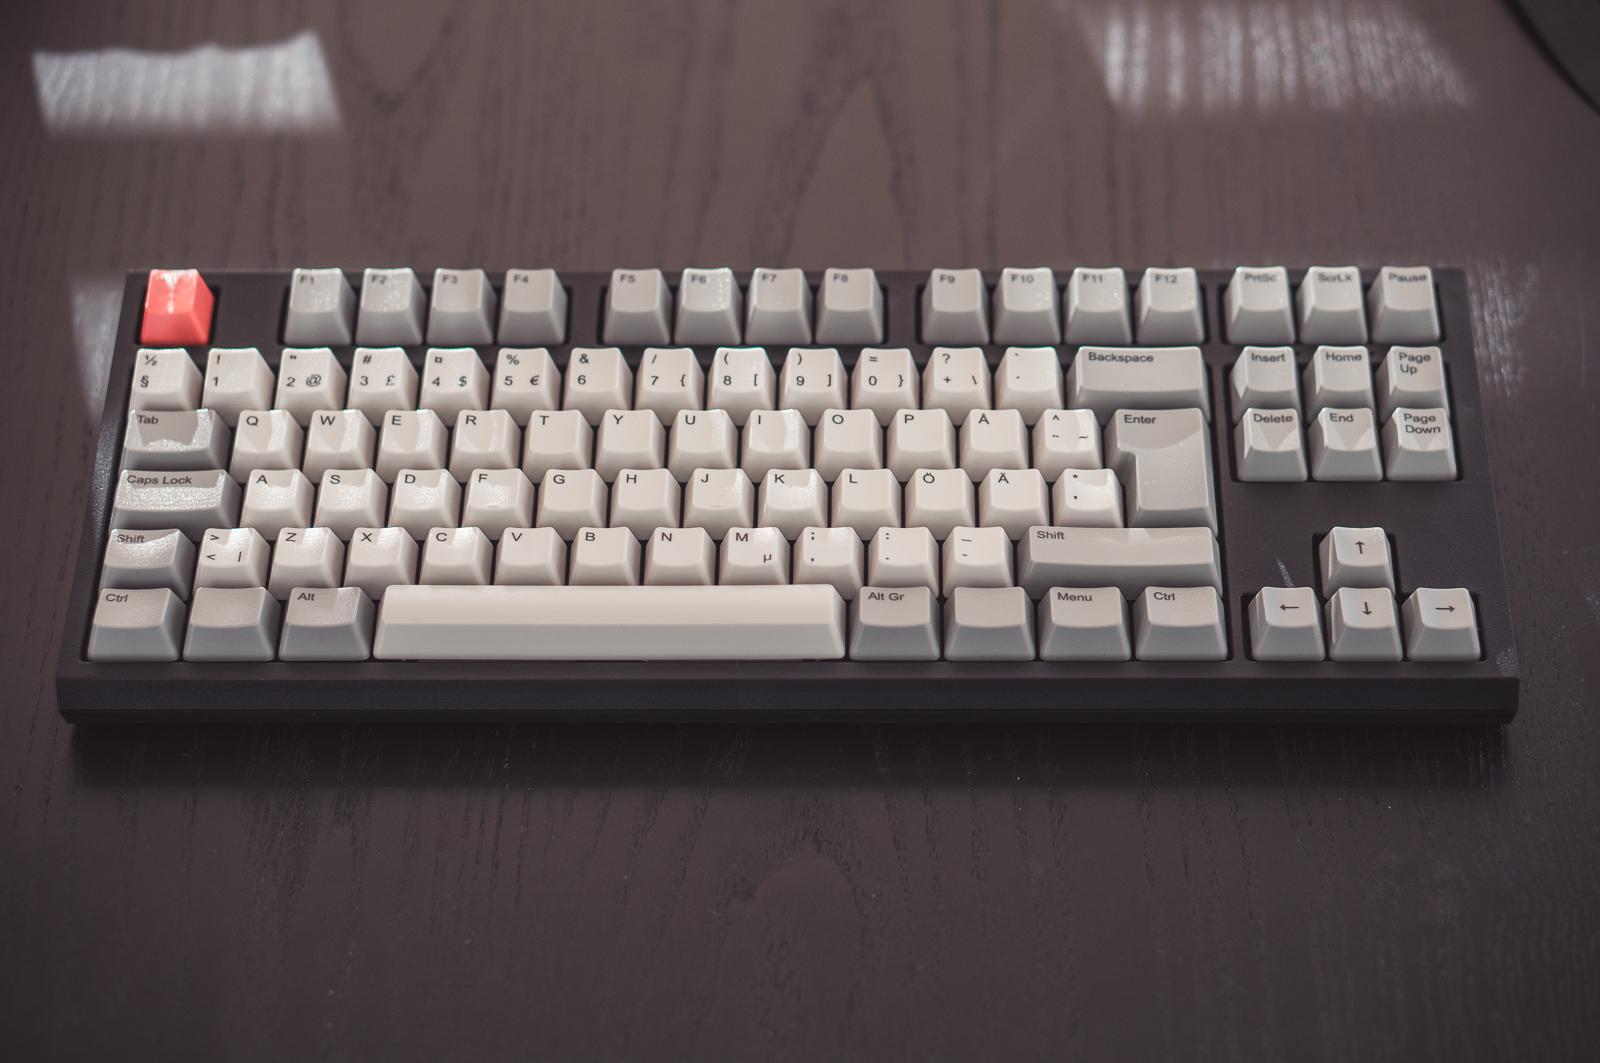 PiKeyboard-1